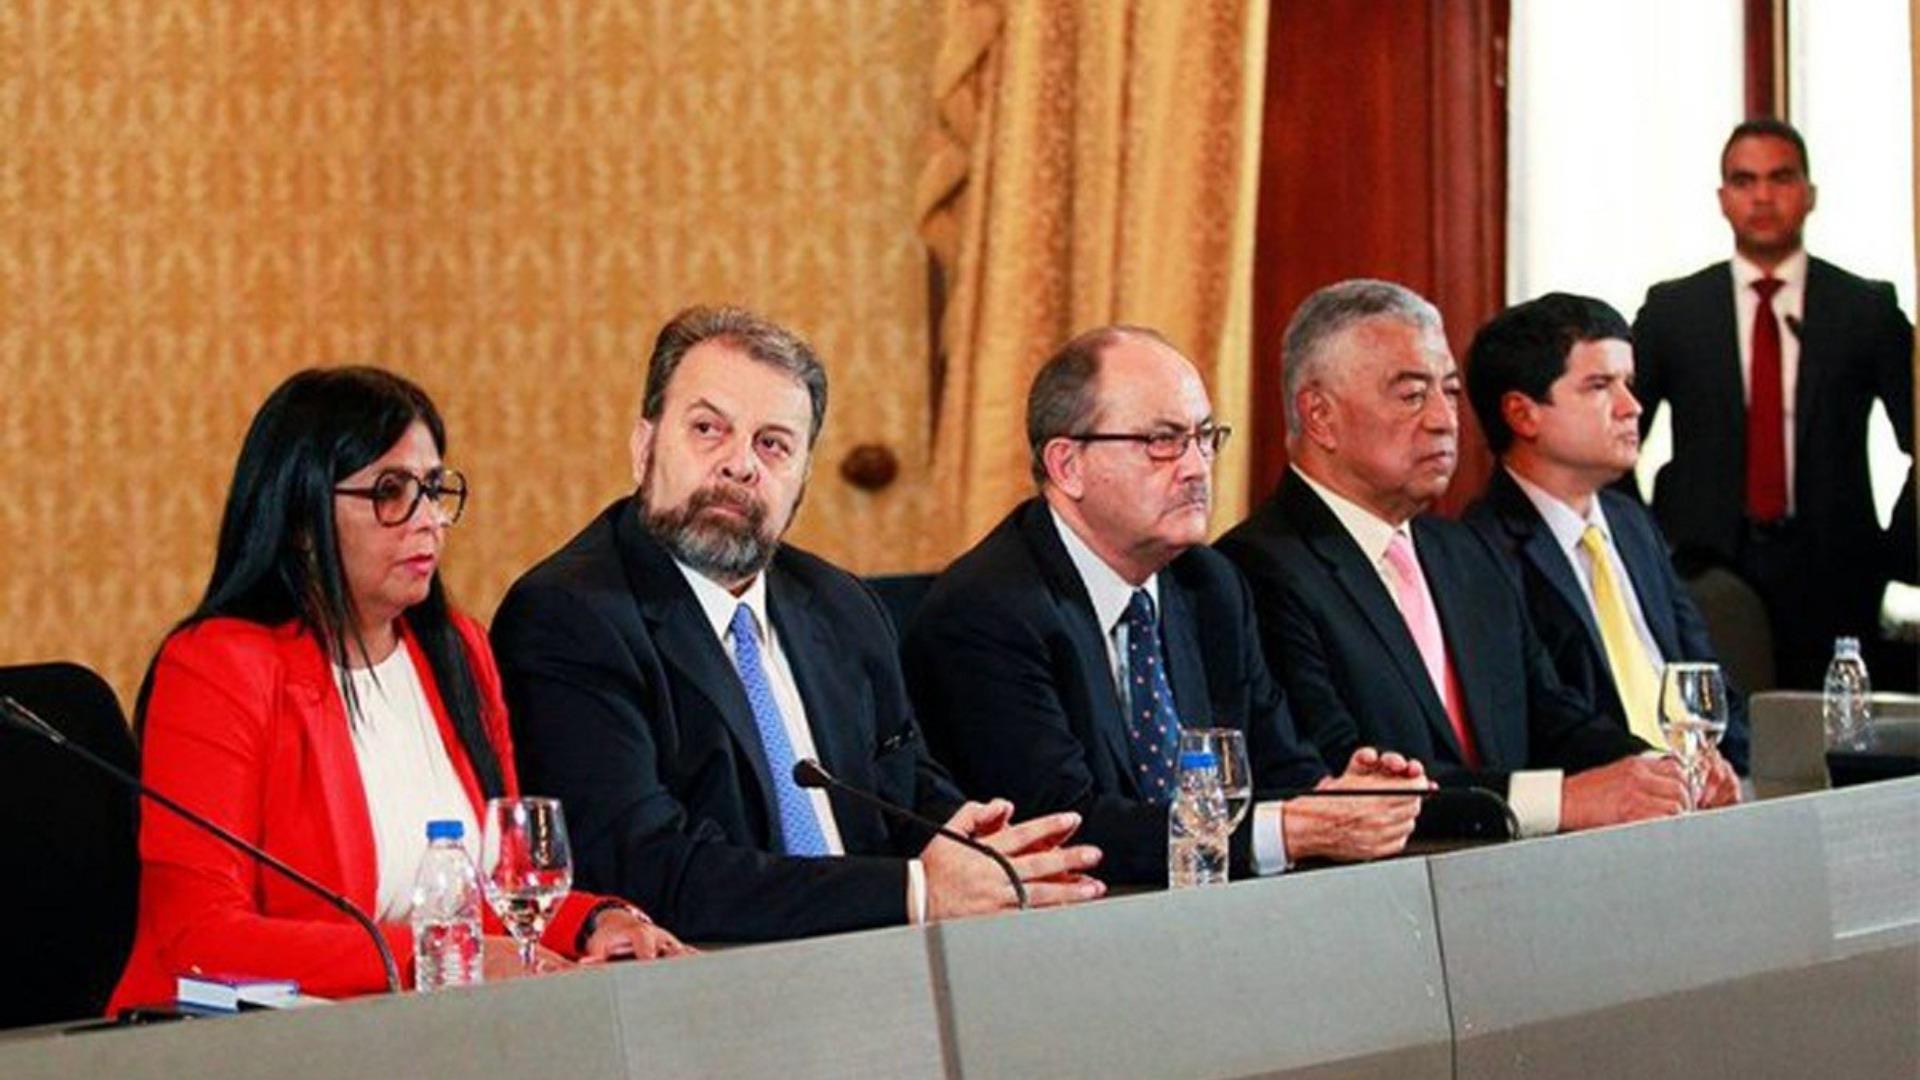 El guaraleo gubernamental, por Luis Fuenmayor Toro